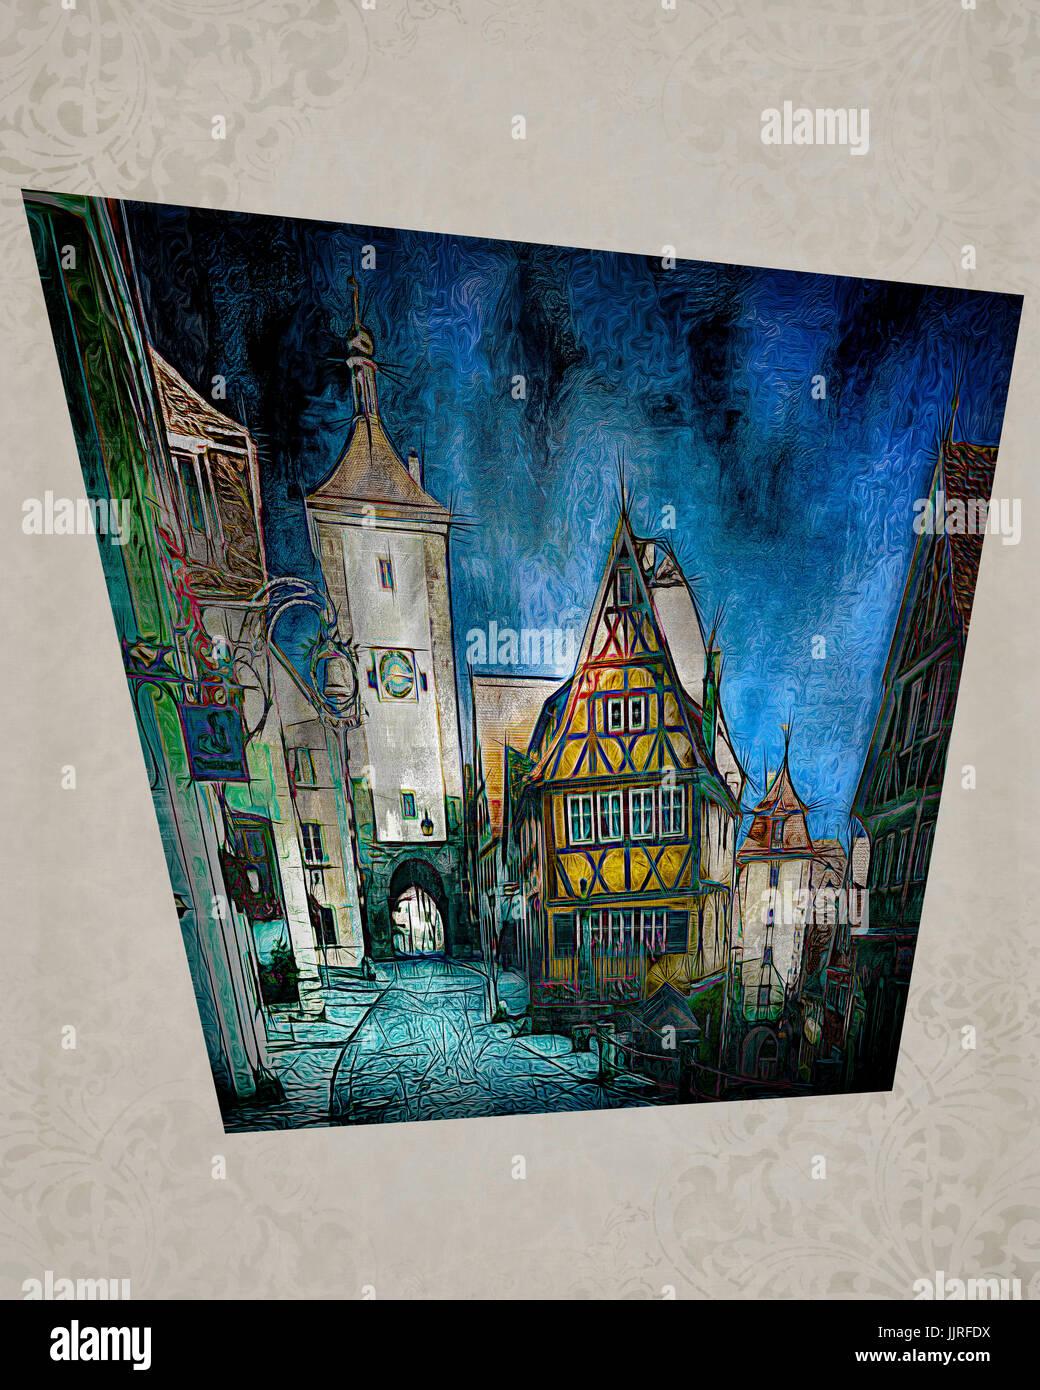 DIGITAL ART: Rothenburg ob der Tauber, Germany - Stock Image